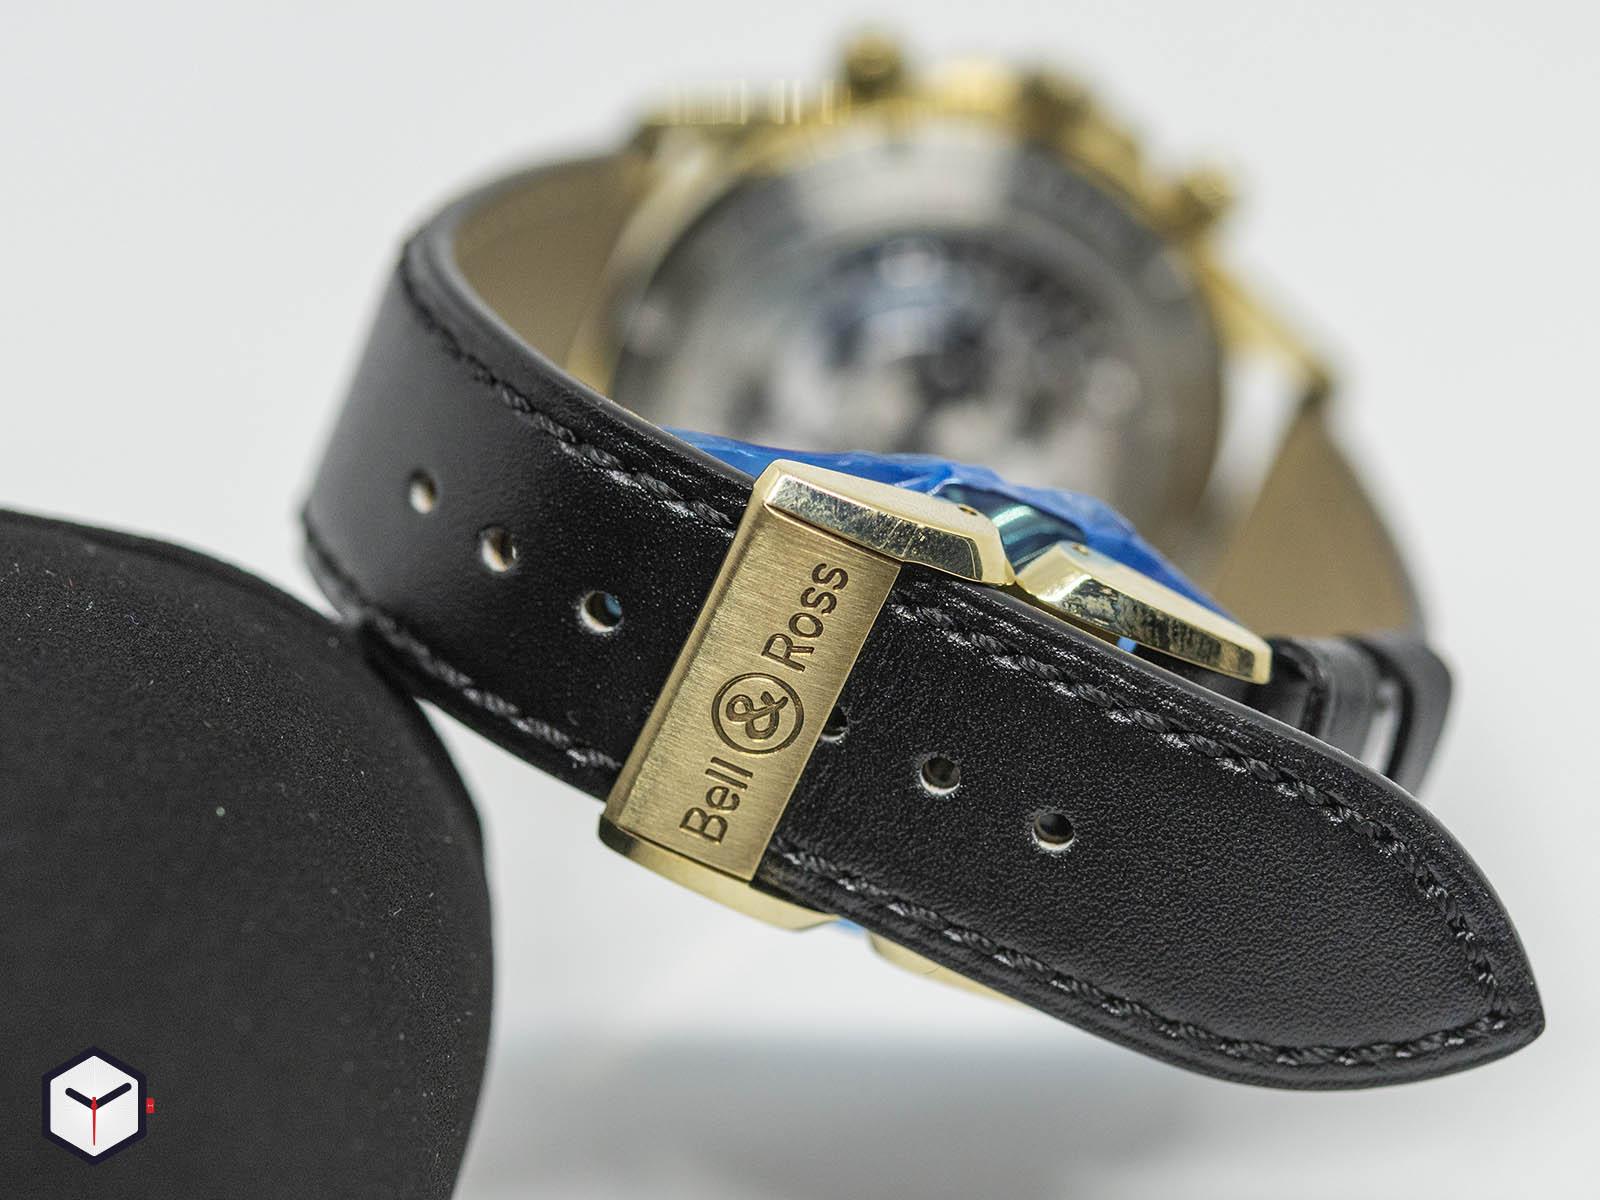 bell-ross-br-v2-94-bellytanker-chronograph-bronze-baselworld-7.jpg